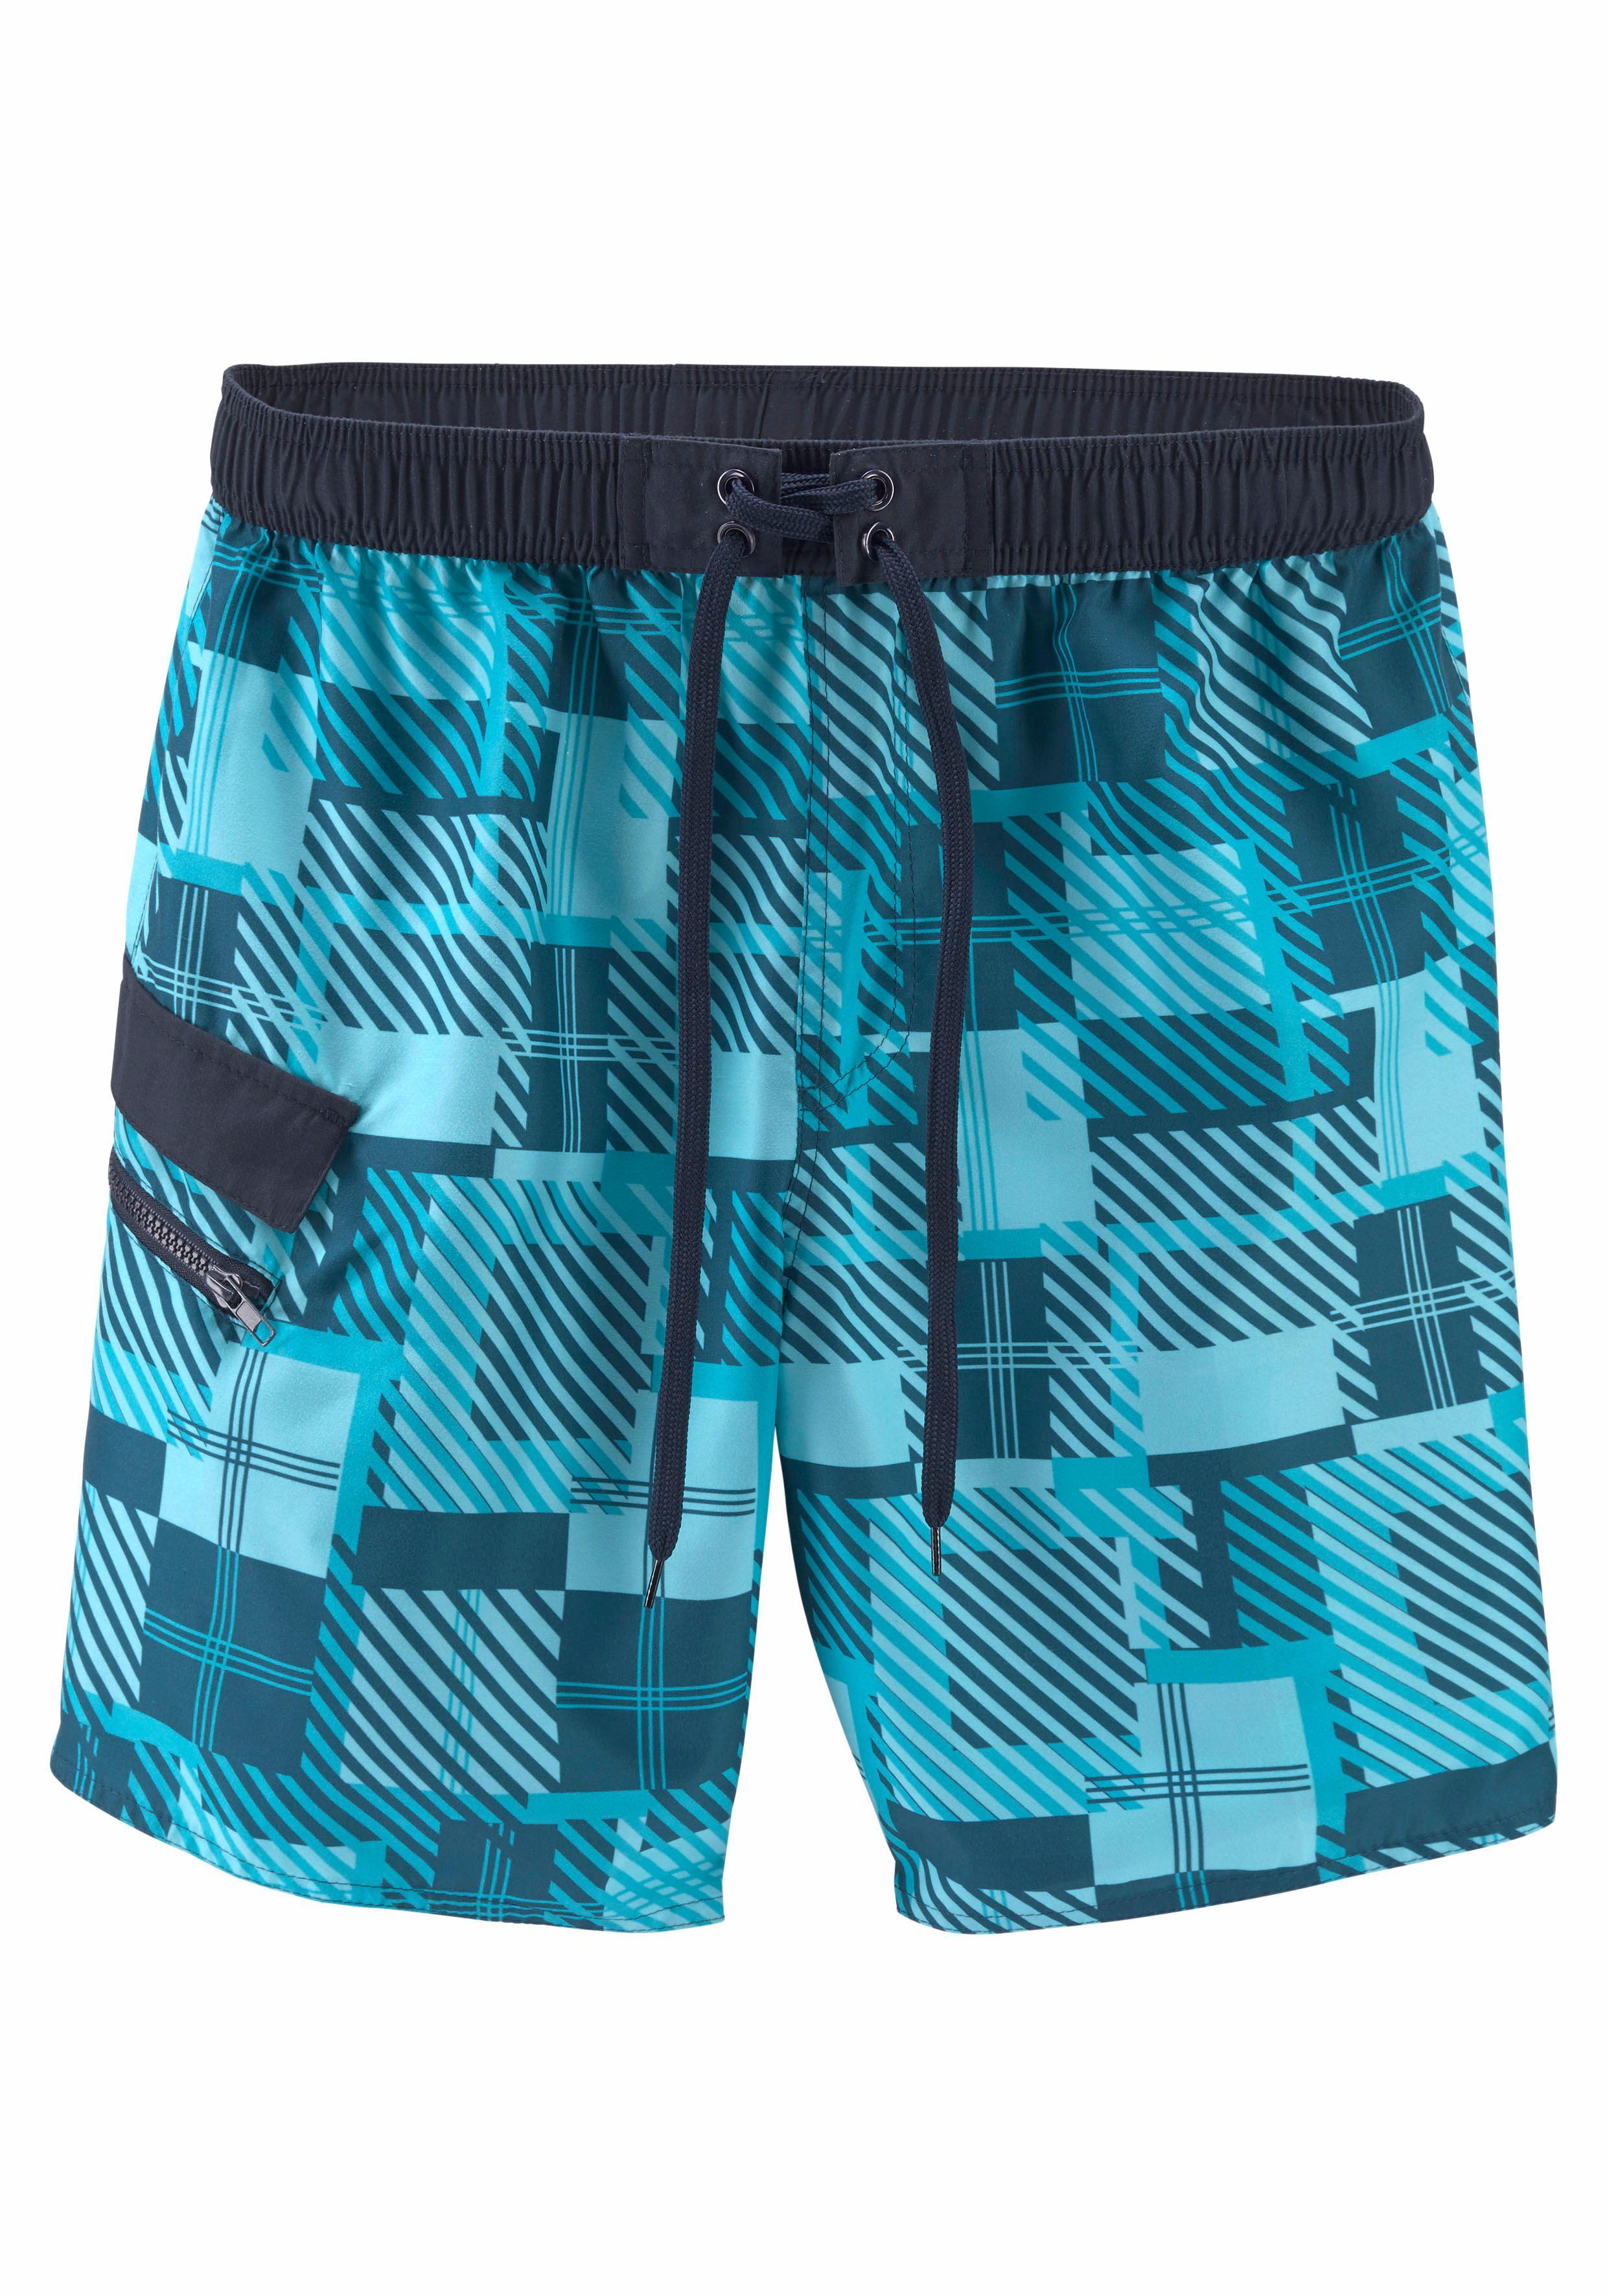 Buffalo Badeshorts mit seitlicher Reißverschlusstasche | Bekleidung > Shorts & Bermudas > Shorts | Blau | BUFFALO